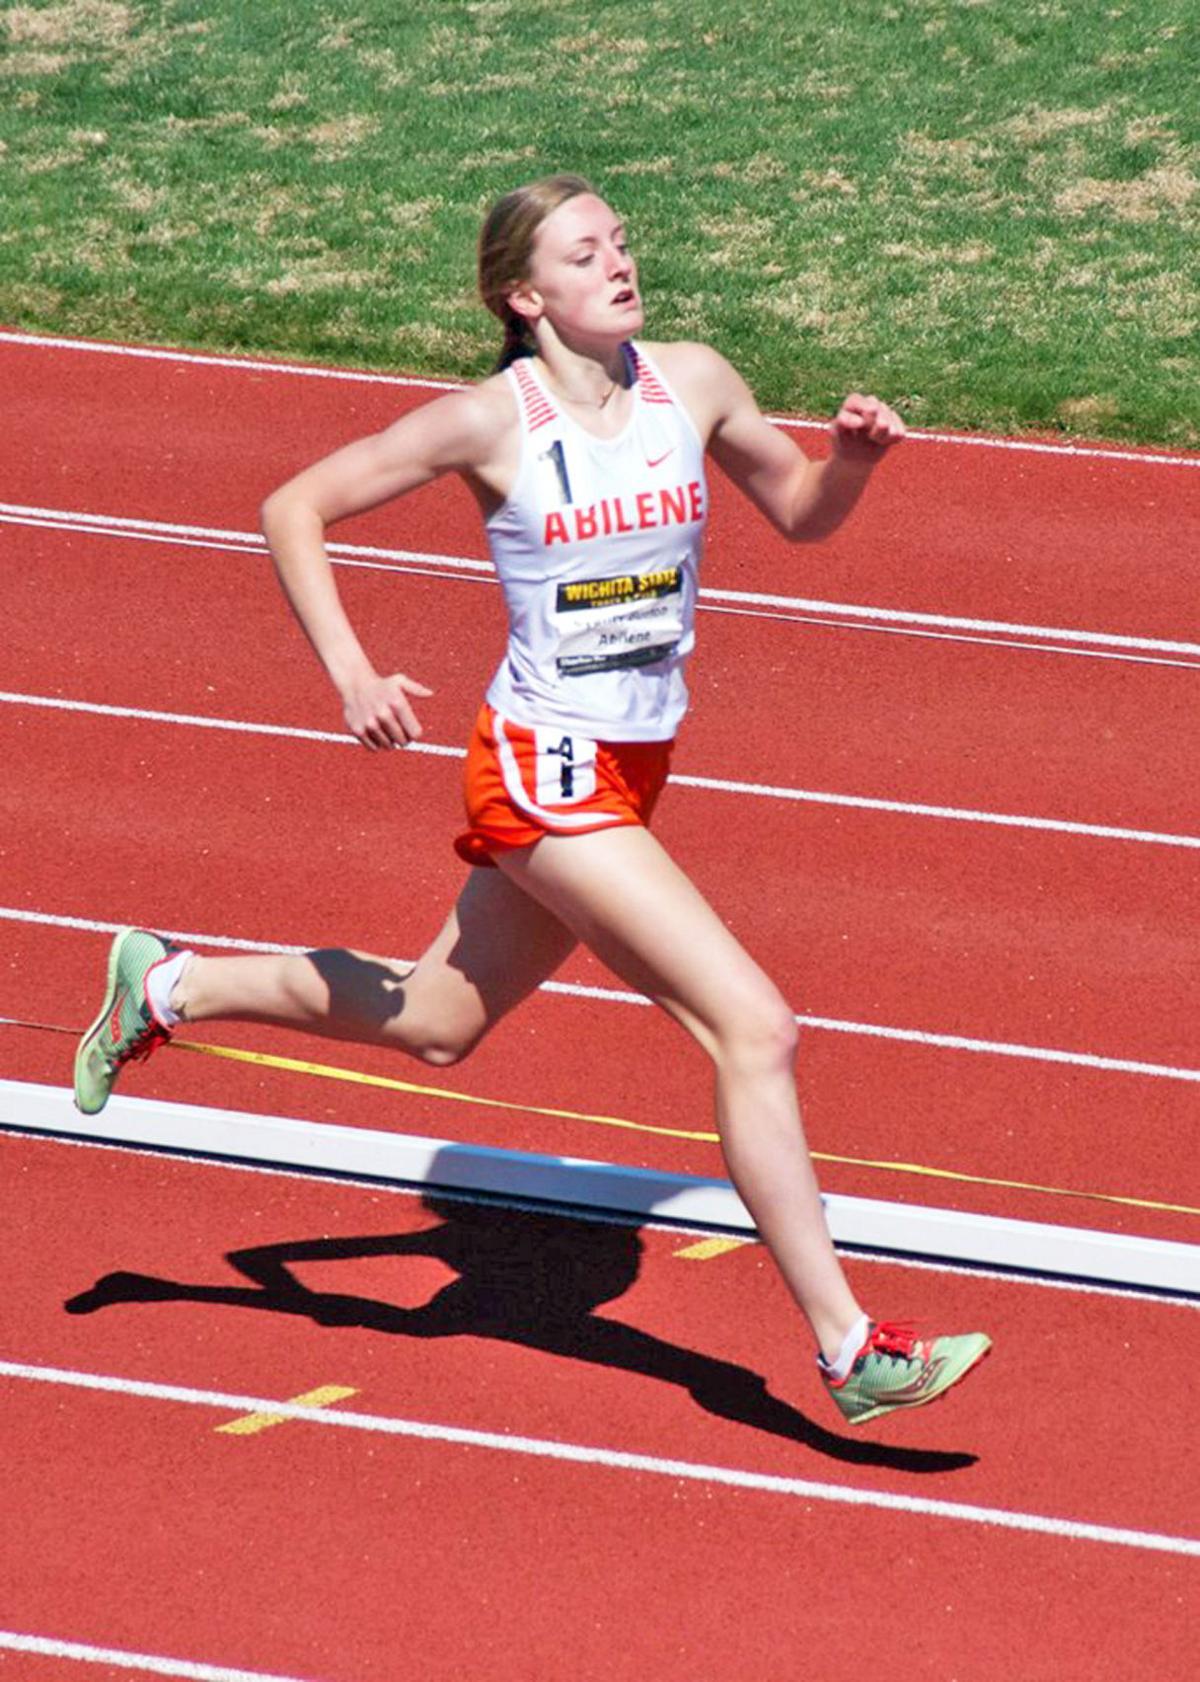 Burton running